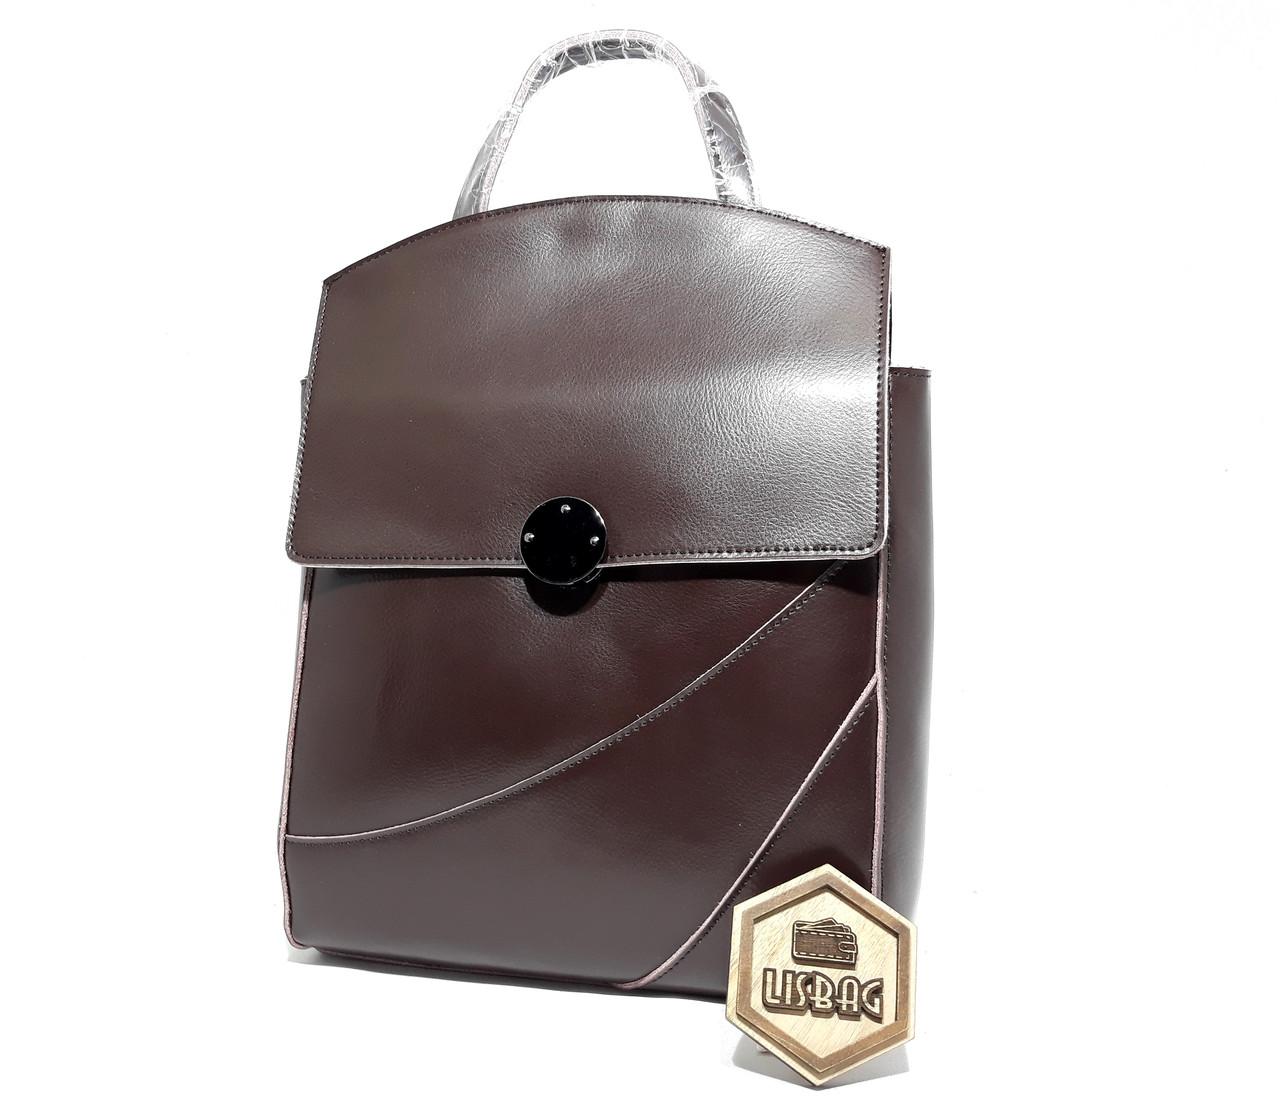 46dc87411c45 Женский портфель формата А4 из натуральной кожи Galanty ,Коричневый  (шоколад)